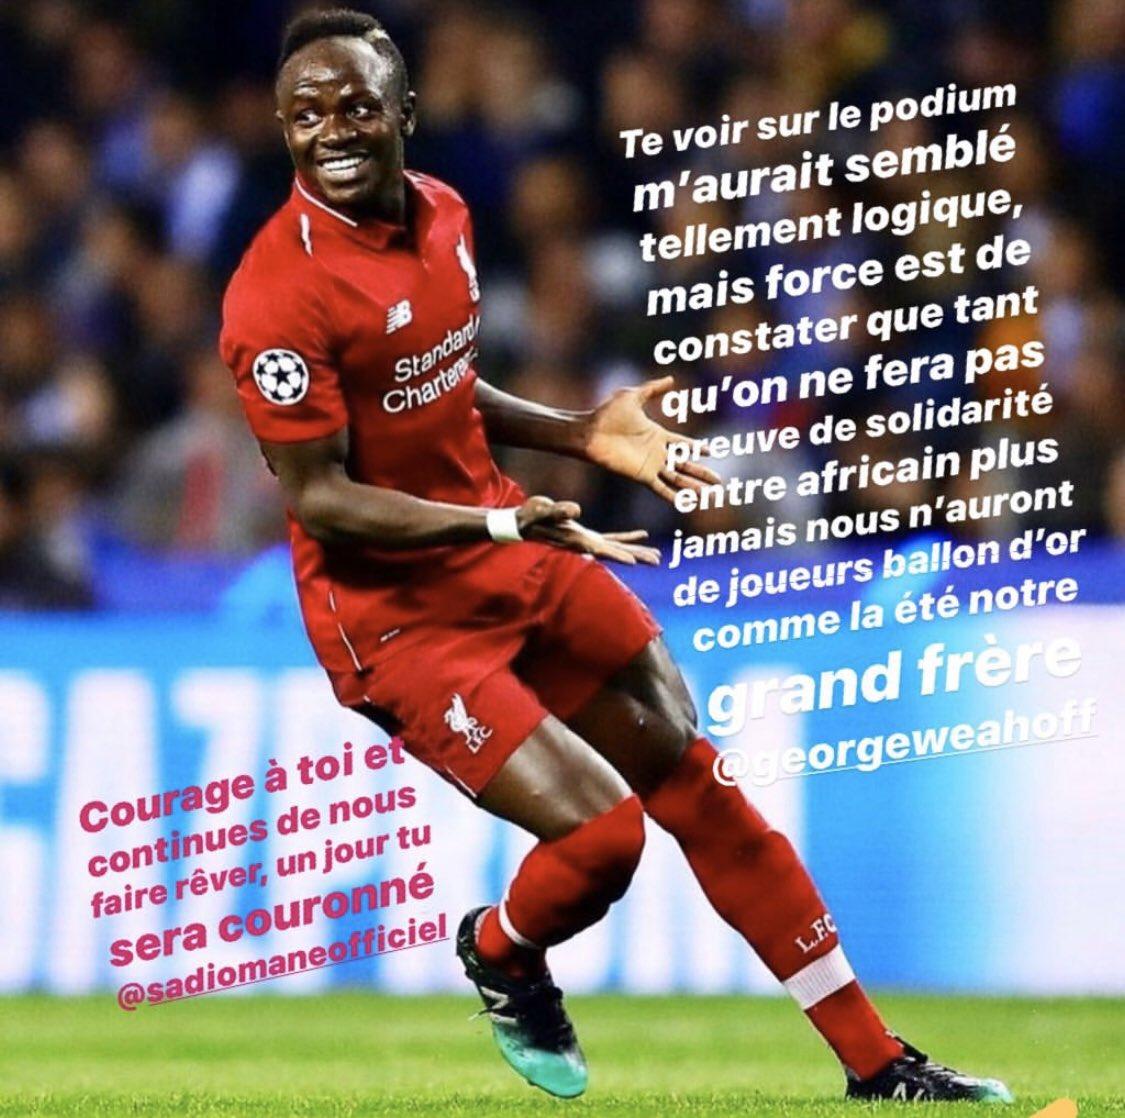 Le message classe de Didier Drogba à Sadio Mané.